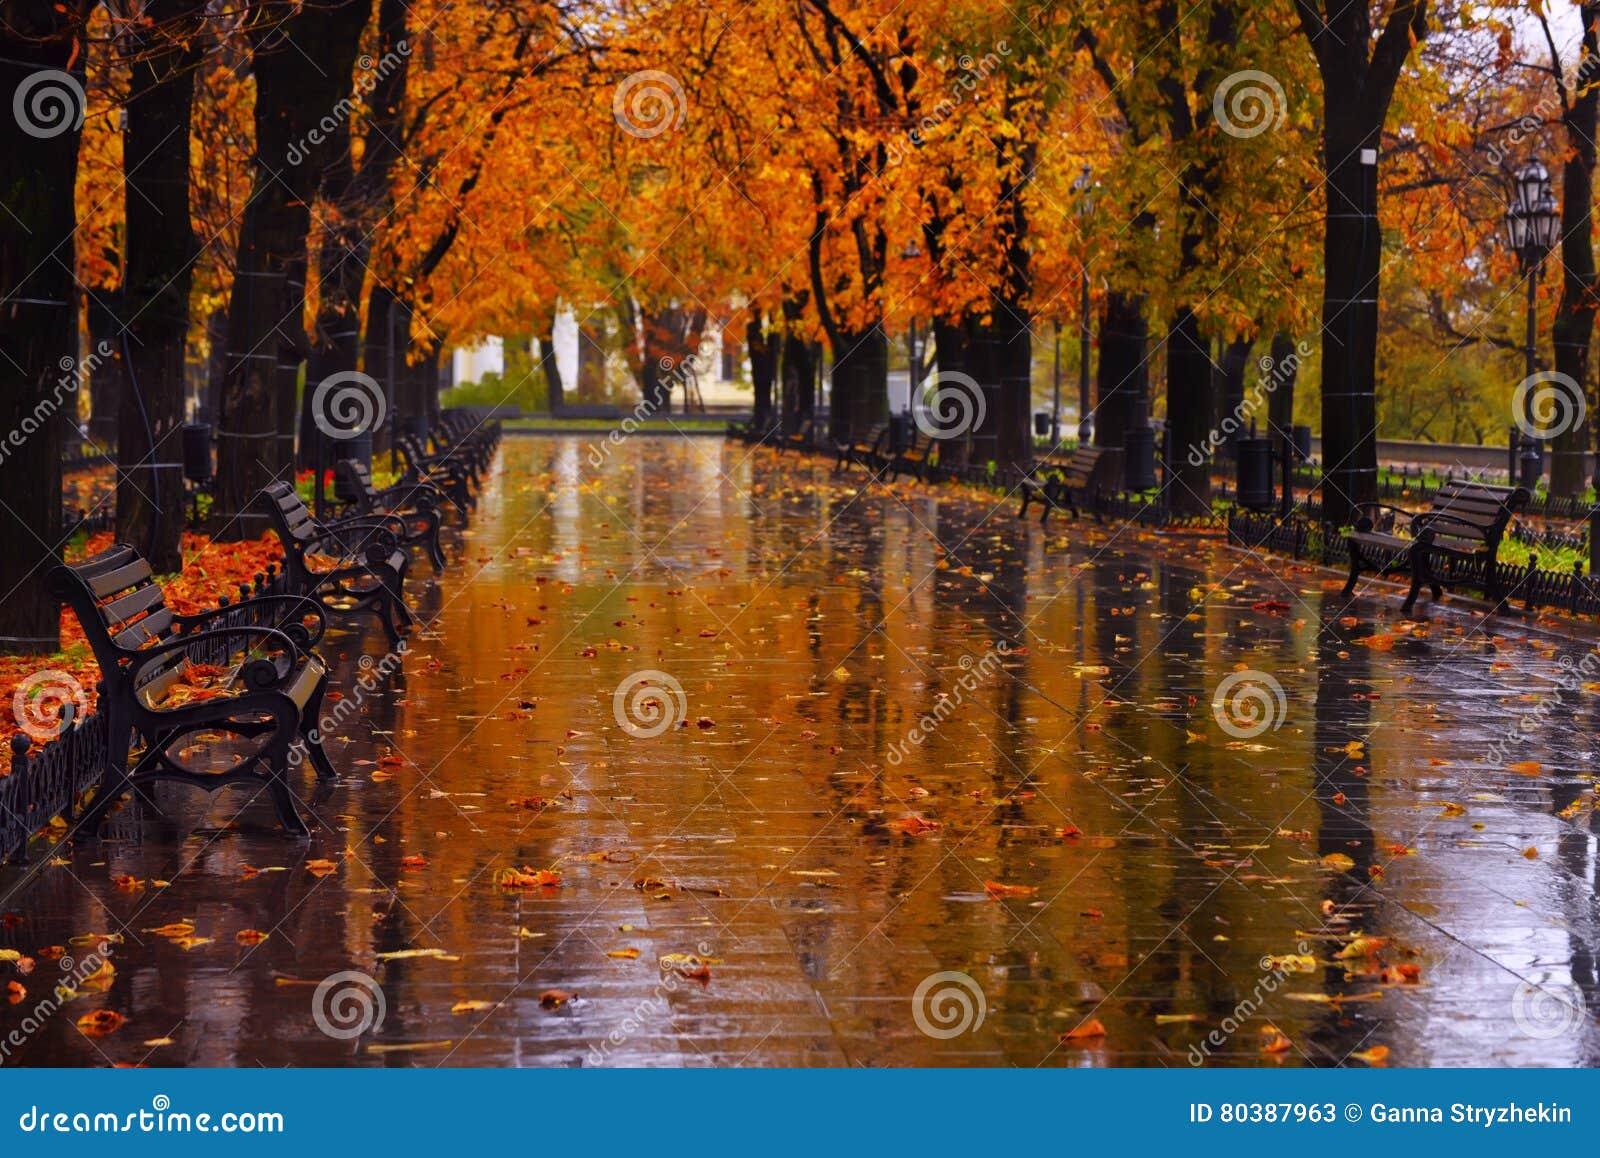 Callejón urbano del otoño con los árboles de castaña amarillos de los árboles en los lados en la lluvia